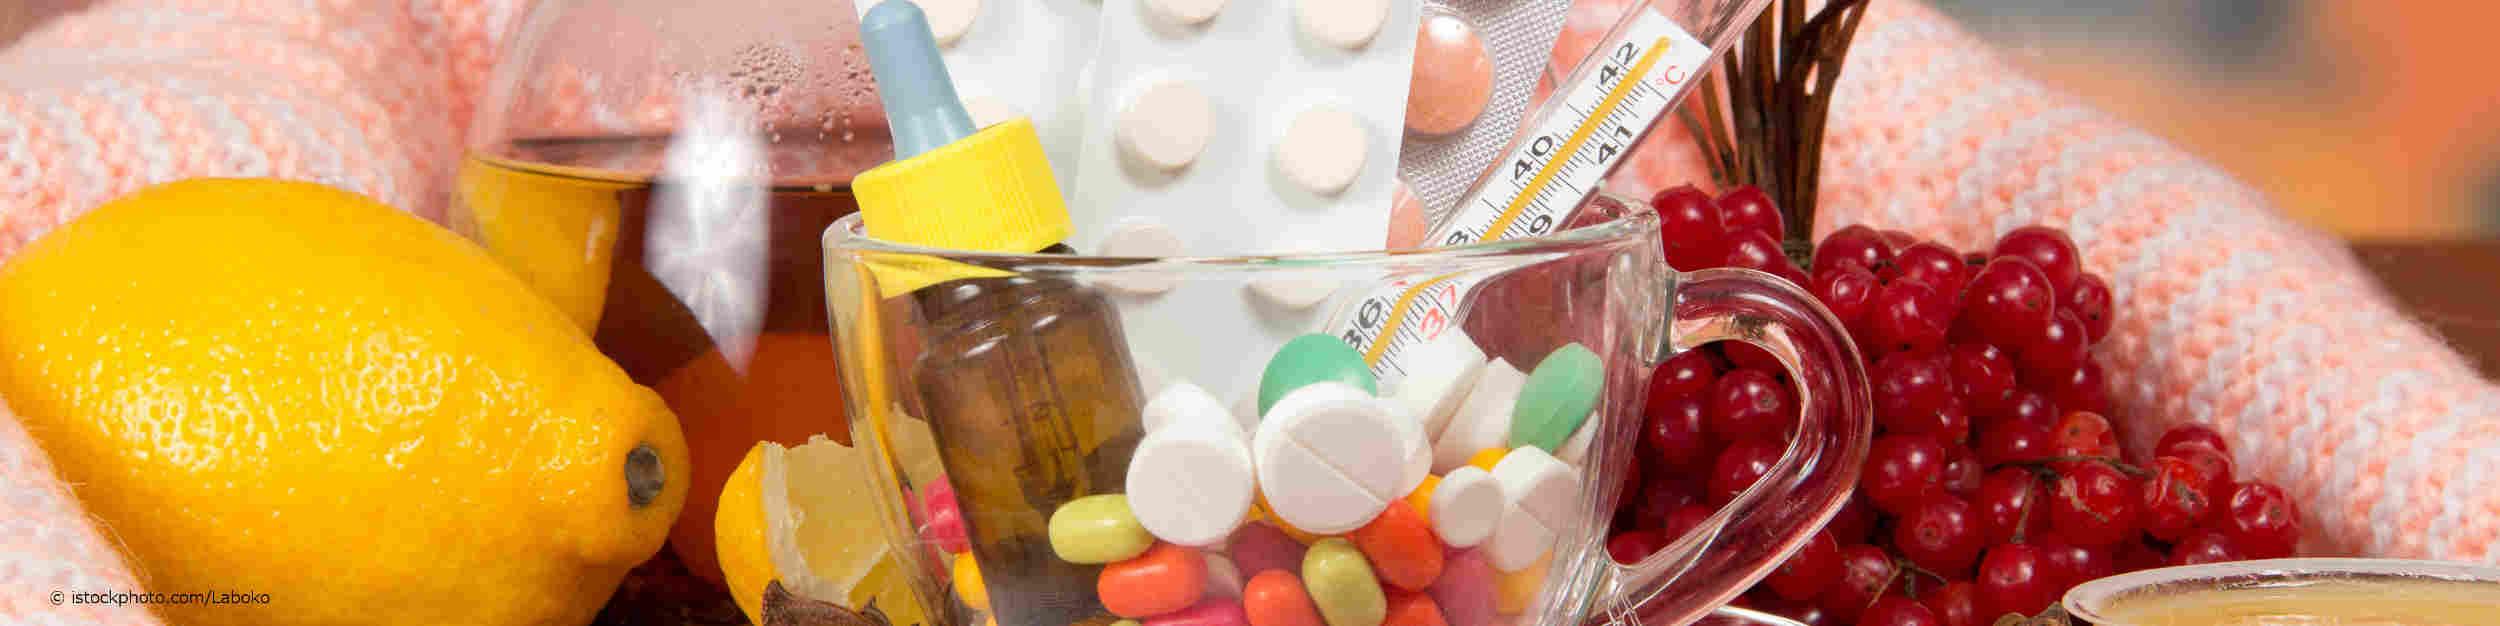 Eine Teetasse voller Tabletten sowie einem Tinkturfläschchen inmitten von Zitrone, Himbeeren und Johannisbeeren - zusammen eingenommen könnte es Probleme geben.